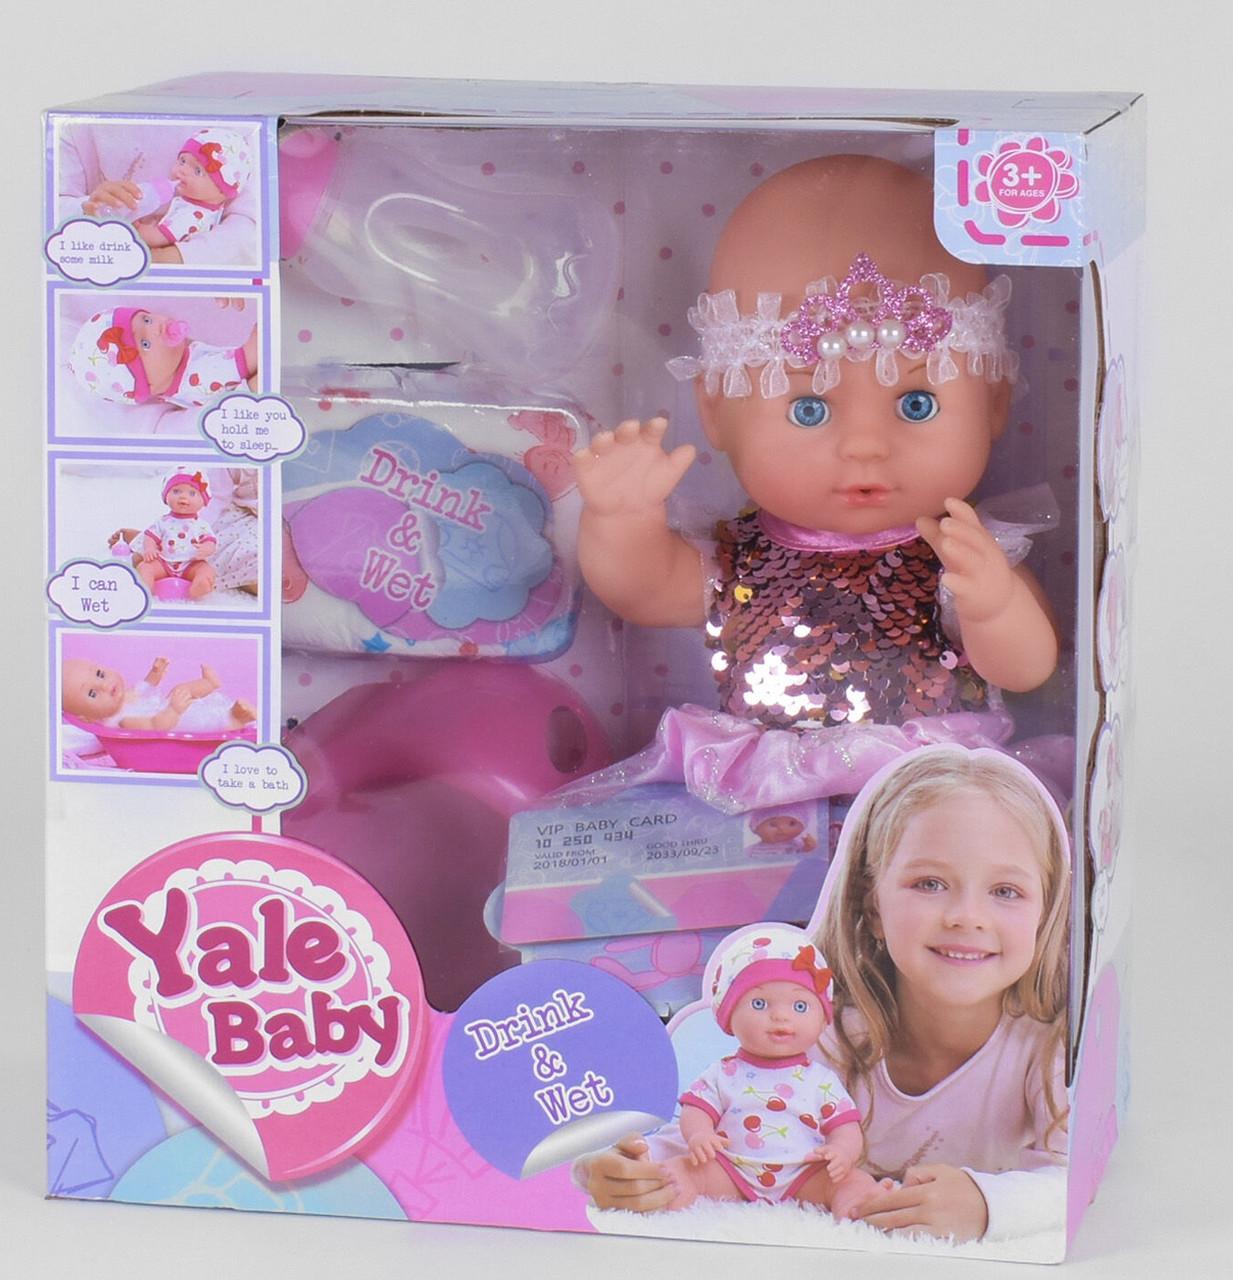 Пупс функциональный Yale Baby кушает, ходит на горшок, с аксессуарами, в коробке